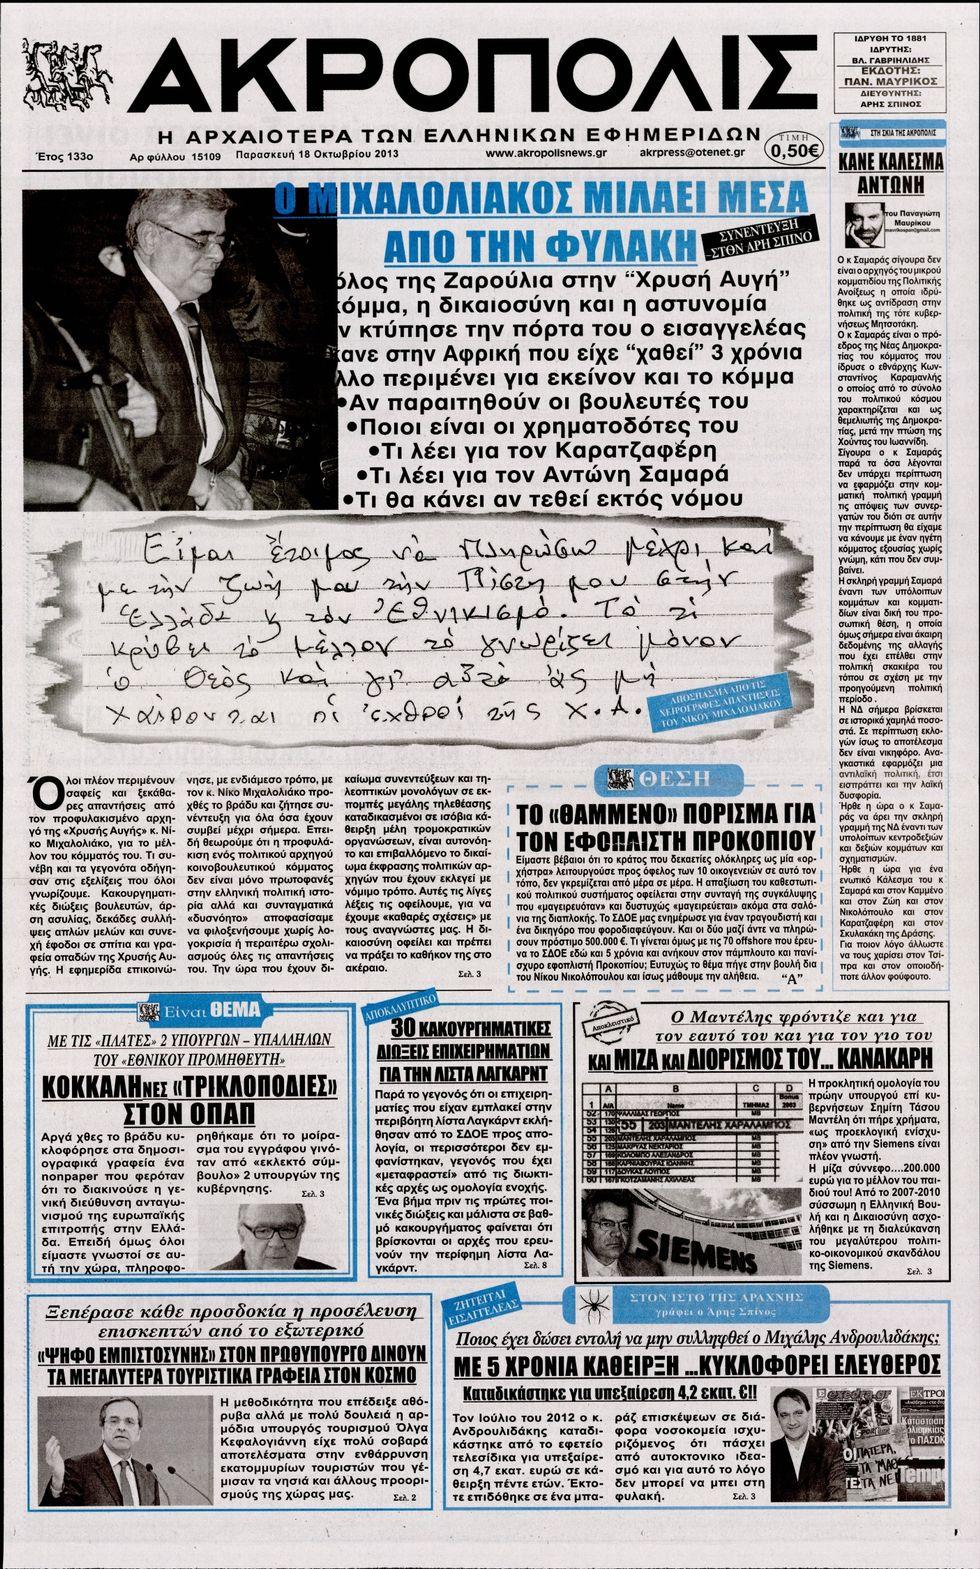 Ακρόπολη, 18/10/2013. Οταν ο Σπίνος έκανε αγιογραφίες στον Μιχαλολιάκο.